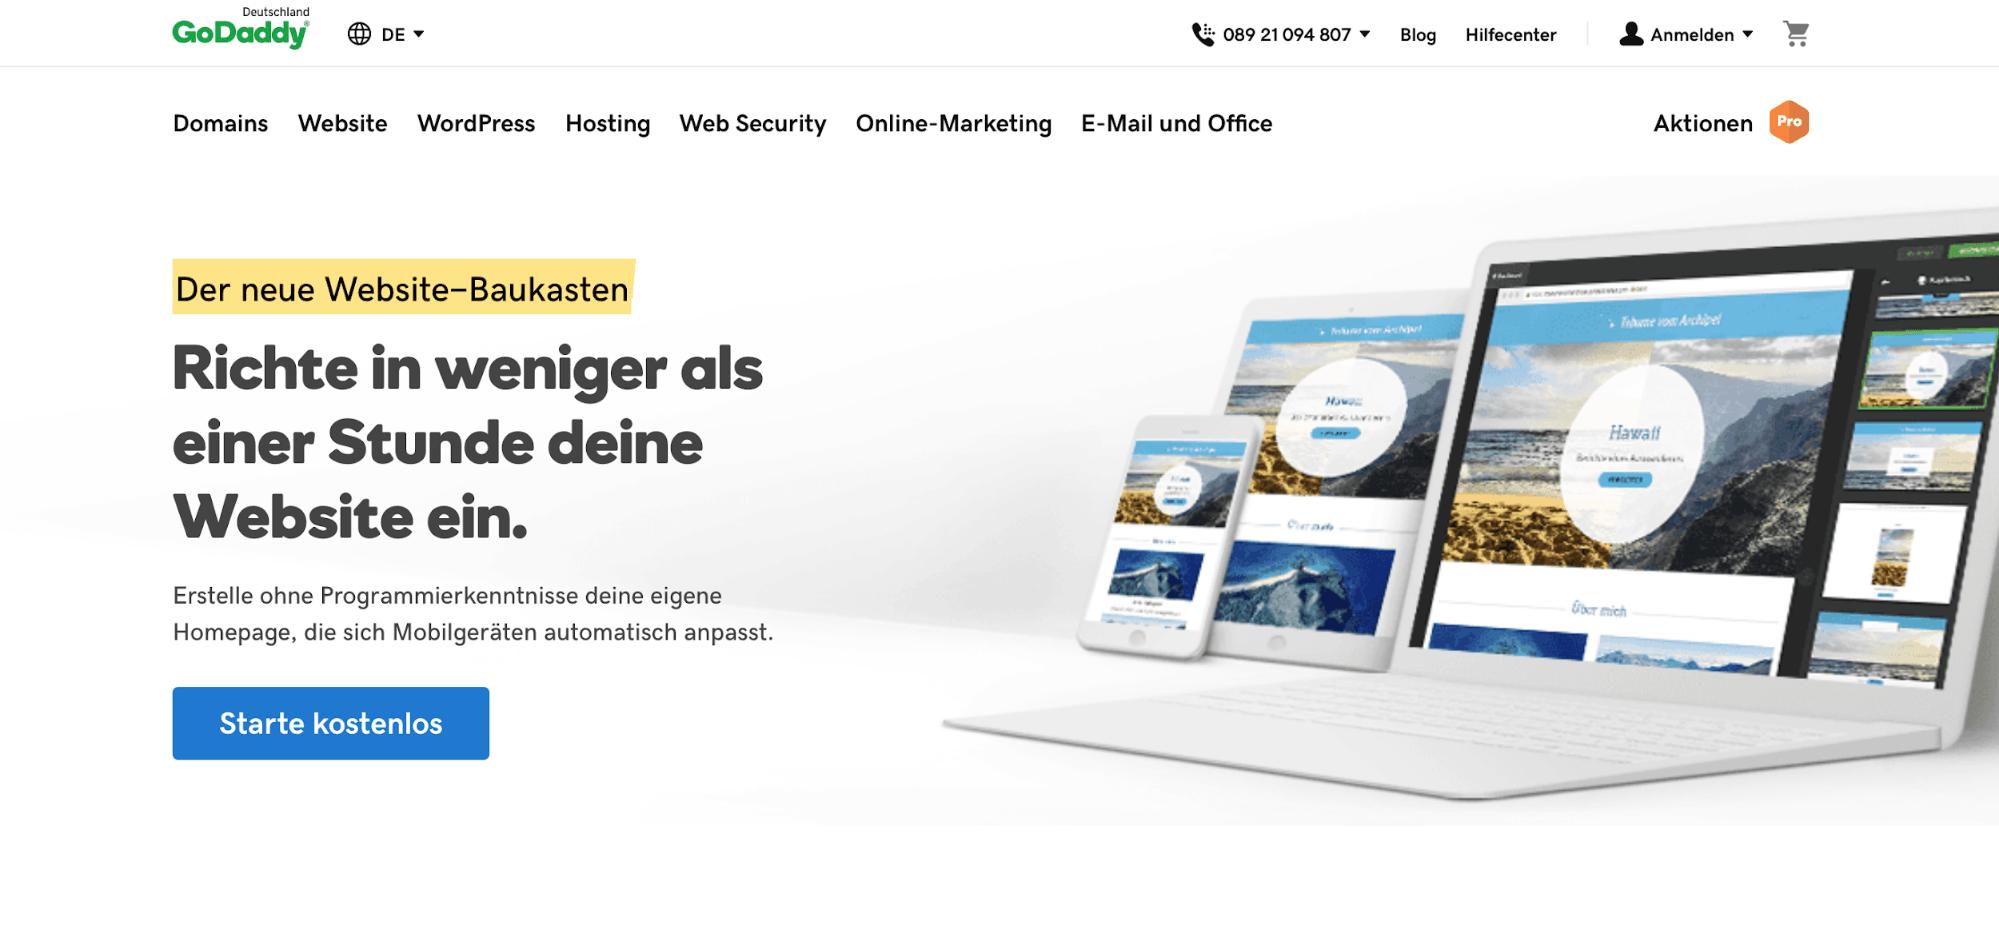 Website erstellen mit Mac (Webdesign): GoDaddy Schritt 1